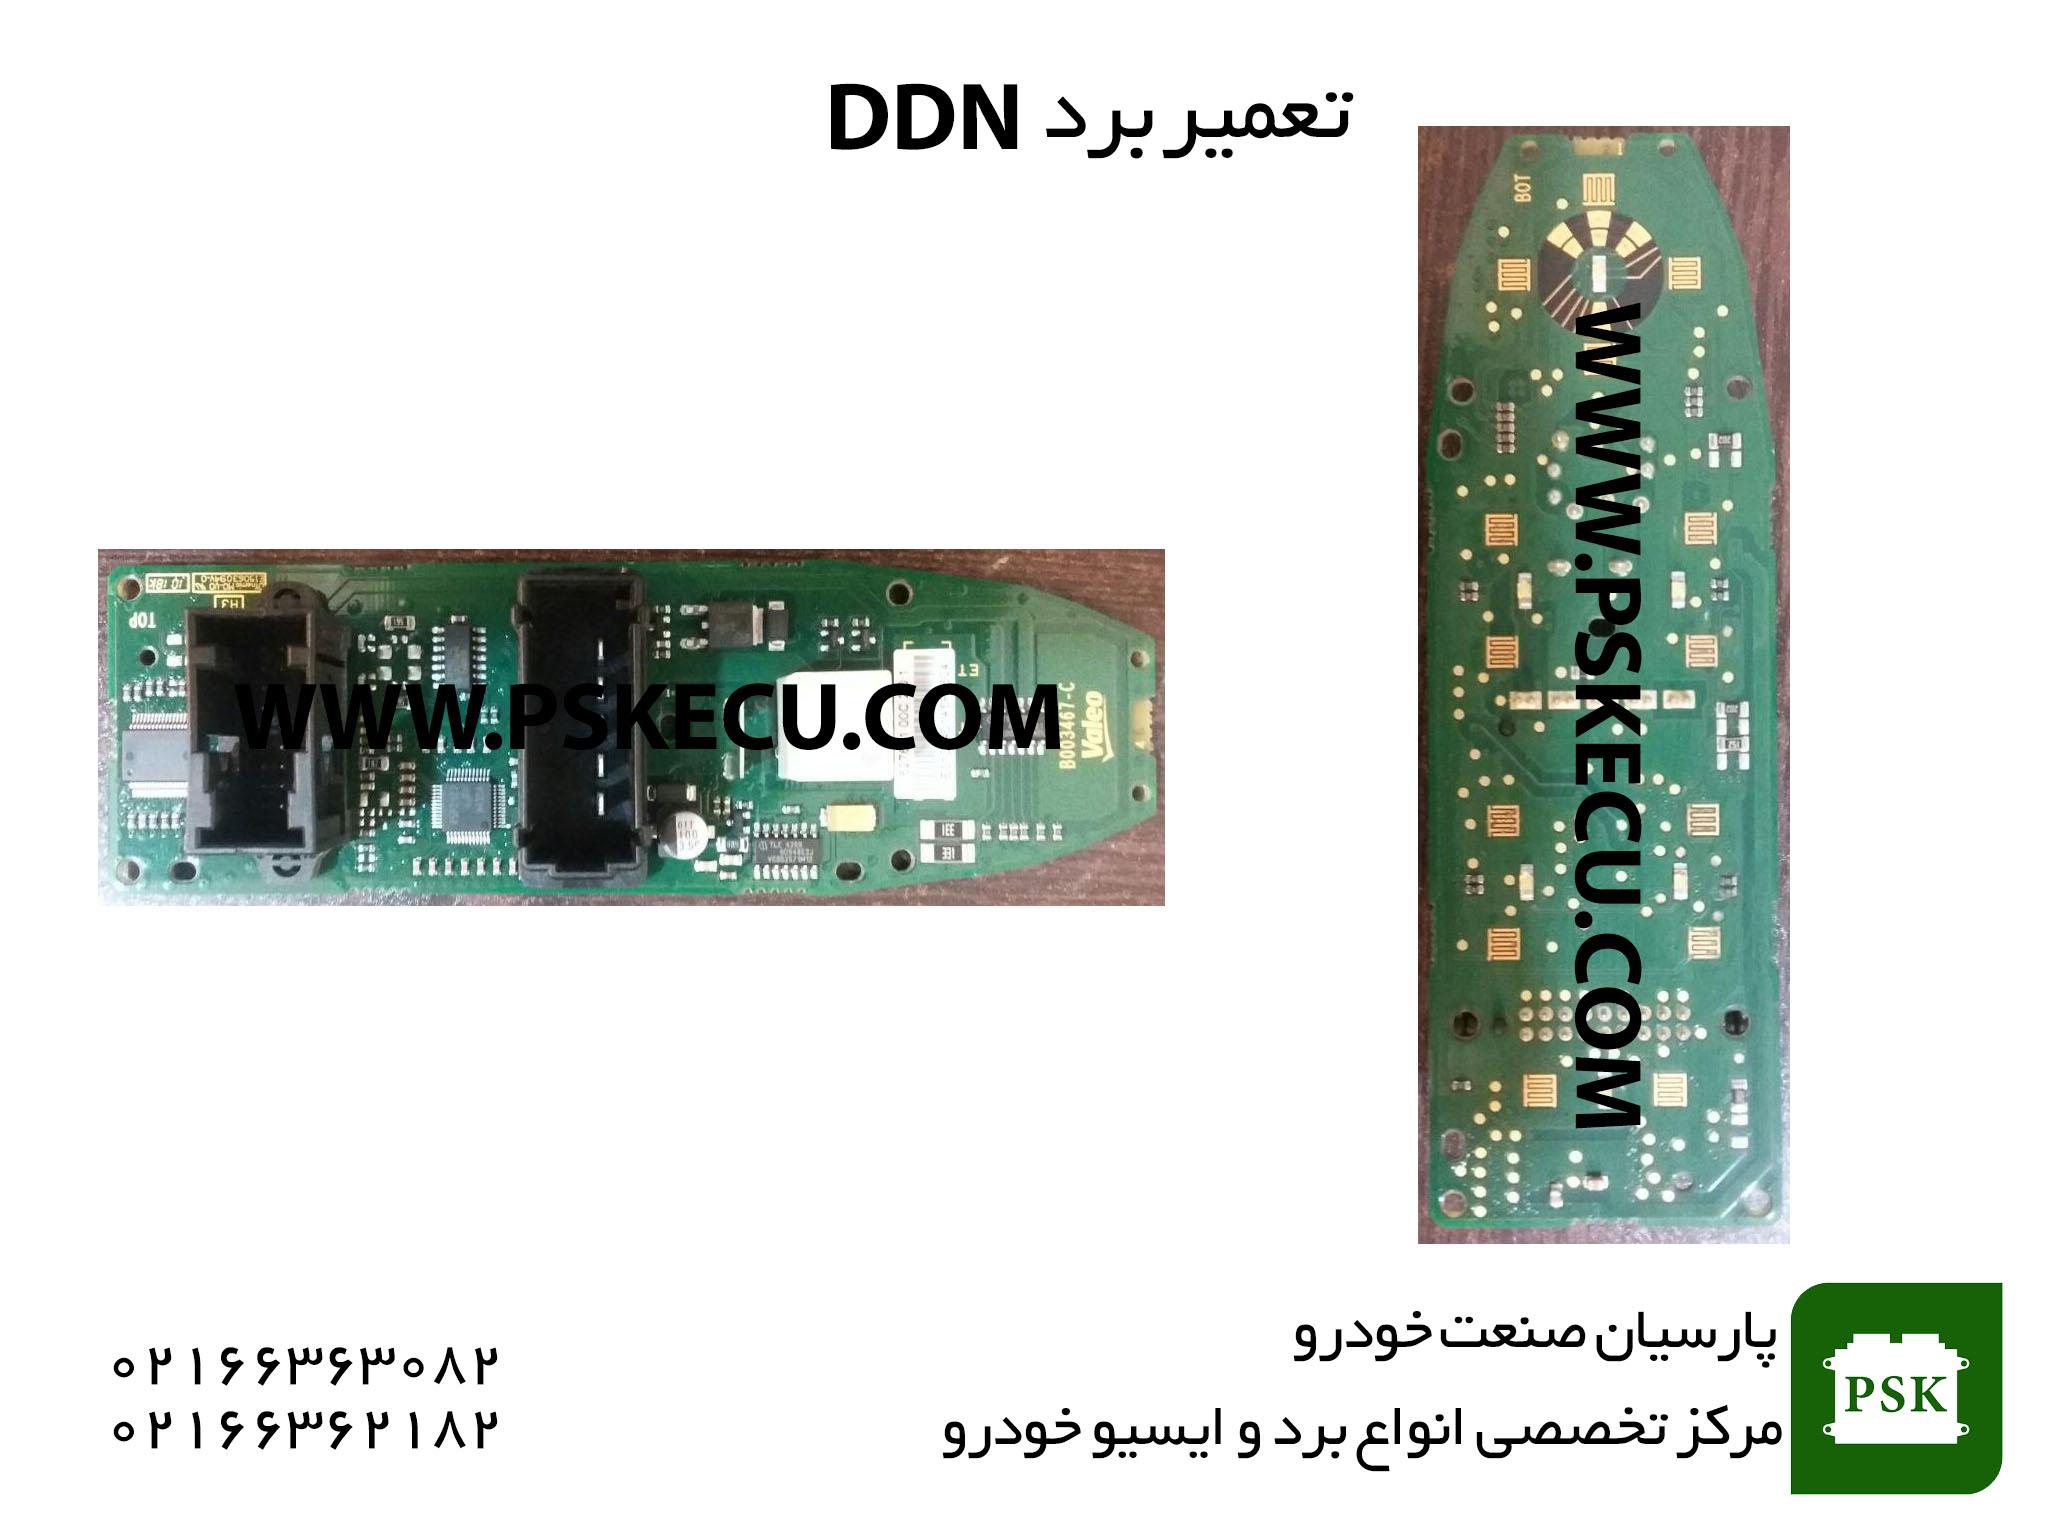 تعمیر برد DDN – تعمیر یونیت DDN – تعمیر برد الکترونیکی DDN – تعمیر برد شیشه بالابر